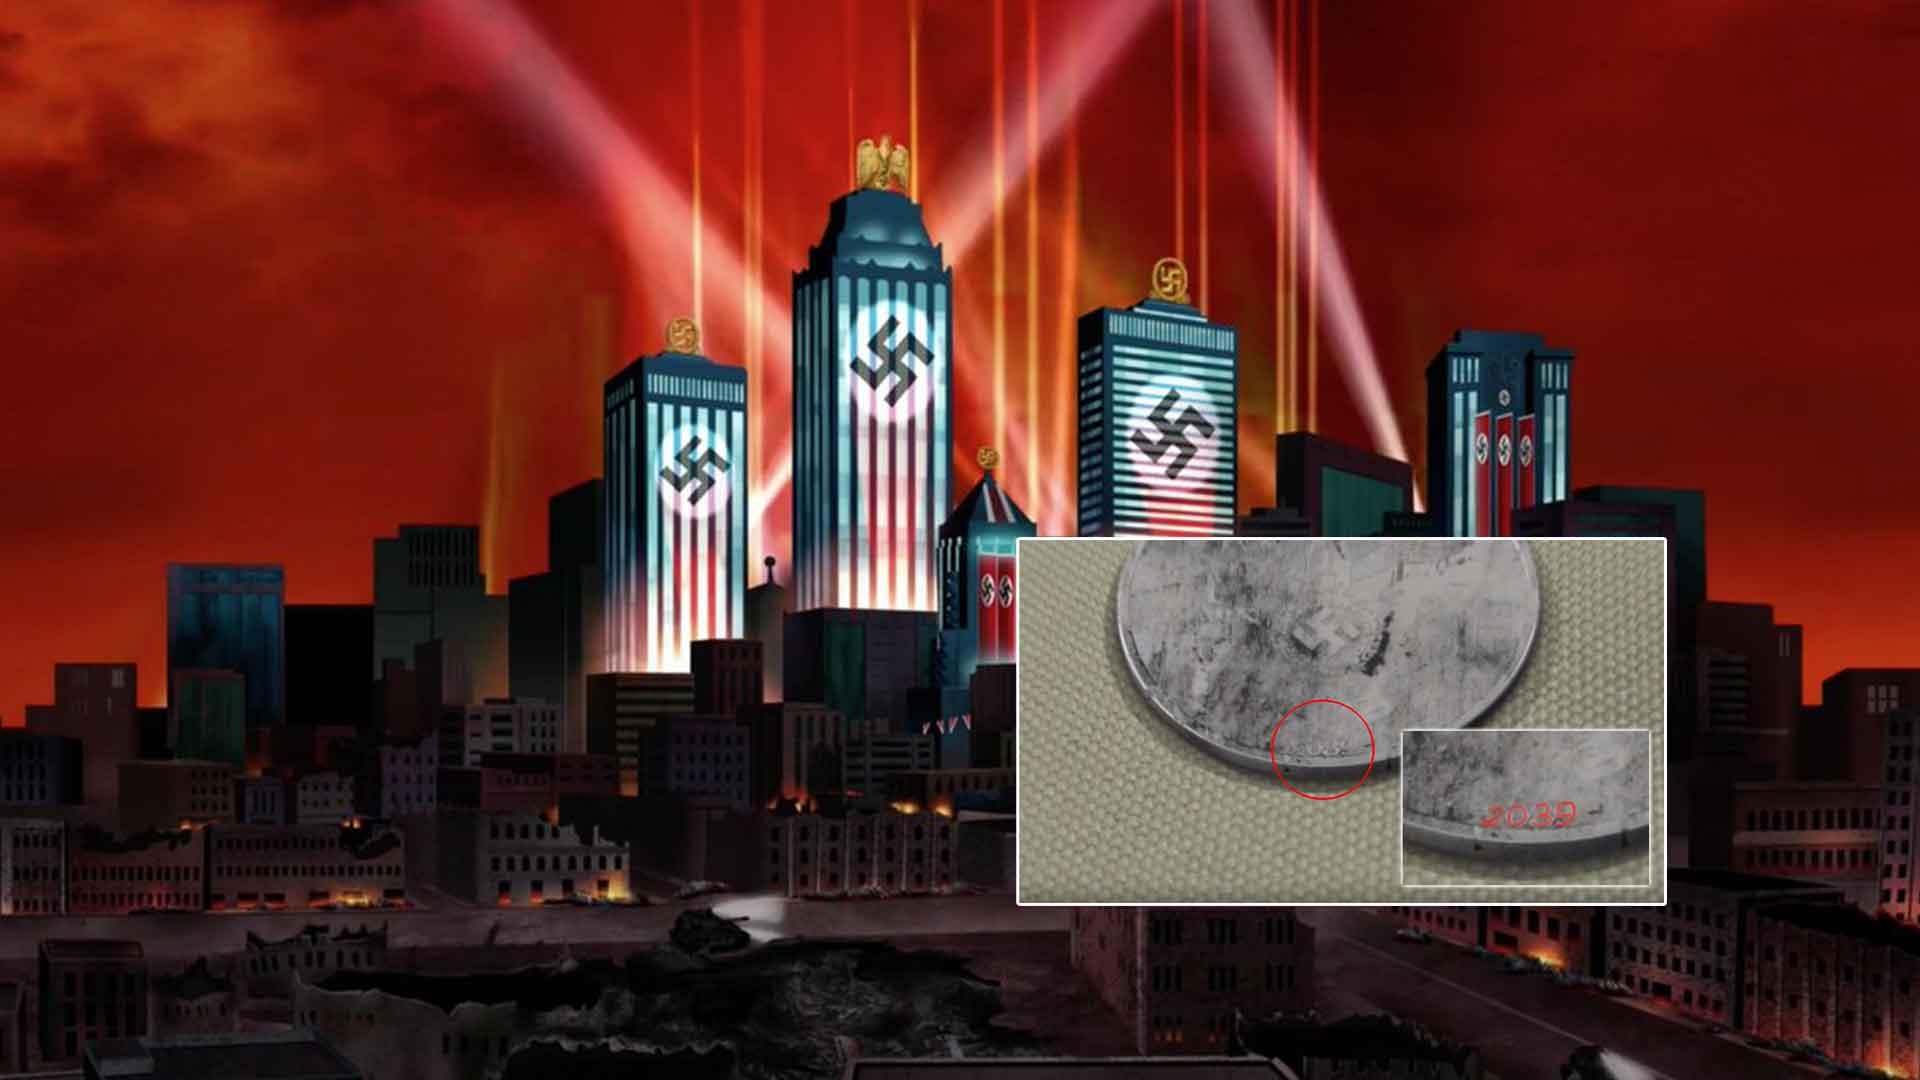 BIZARRO – ¿Viene esta moneda de un futuro distópico donde los nazis ganaron la Guerra Mundial?